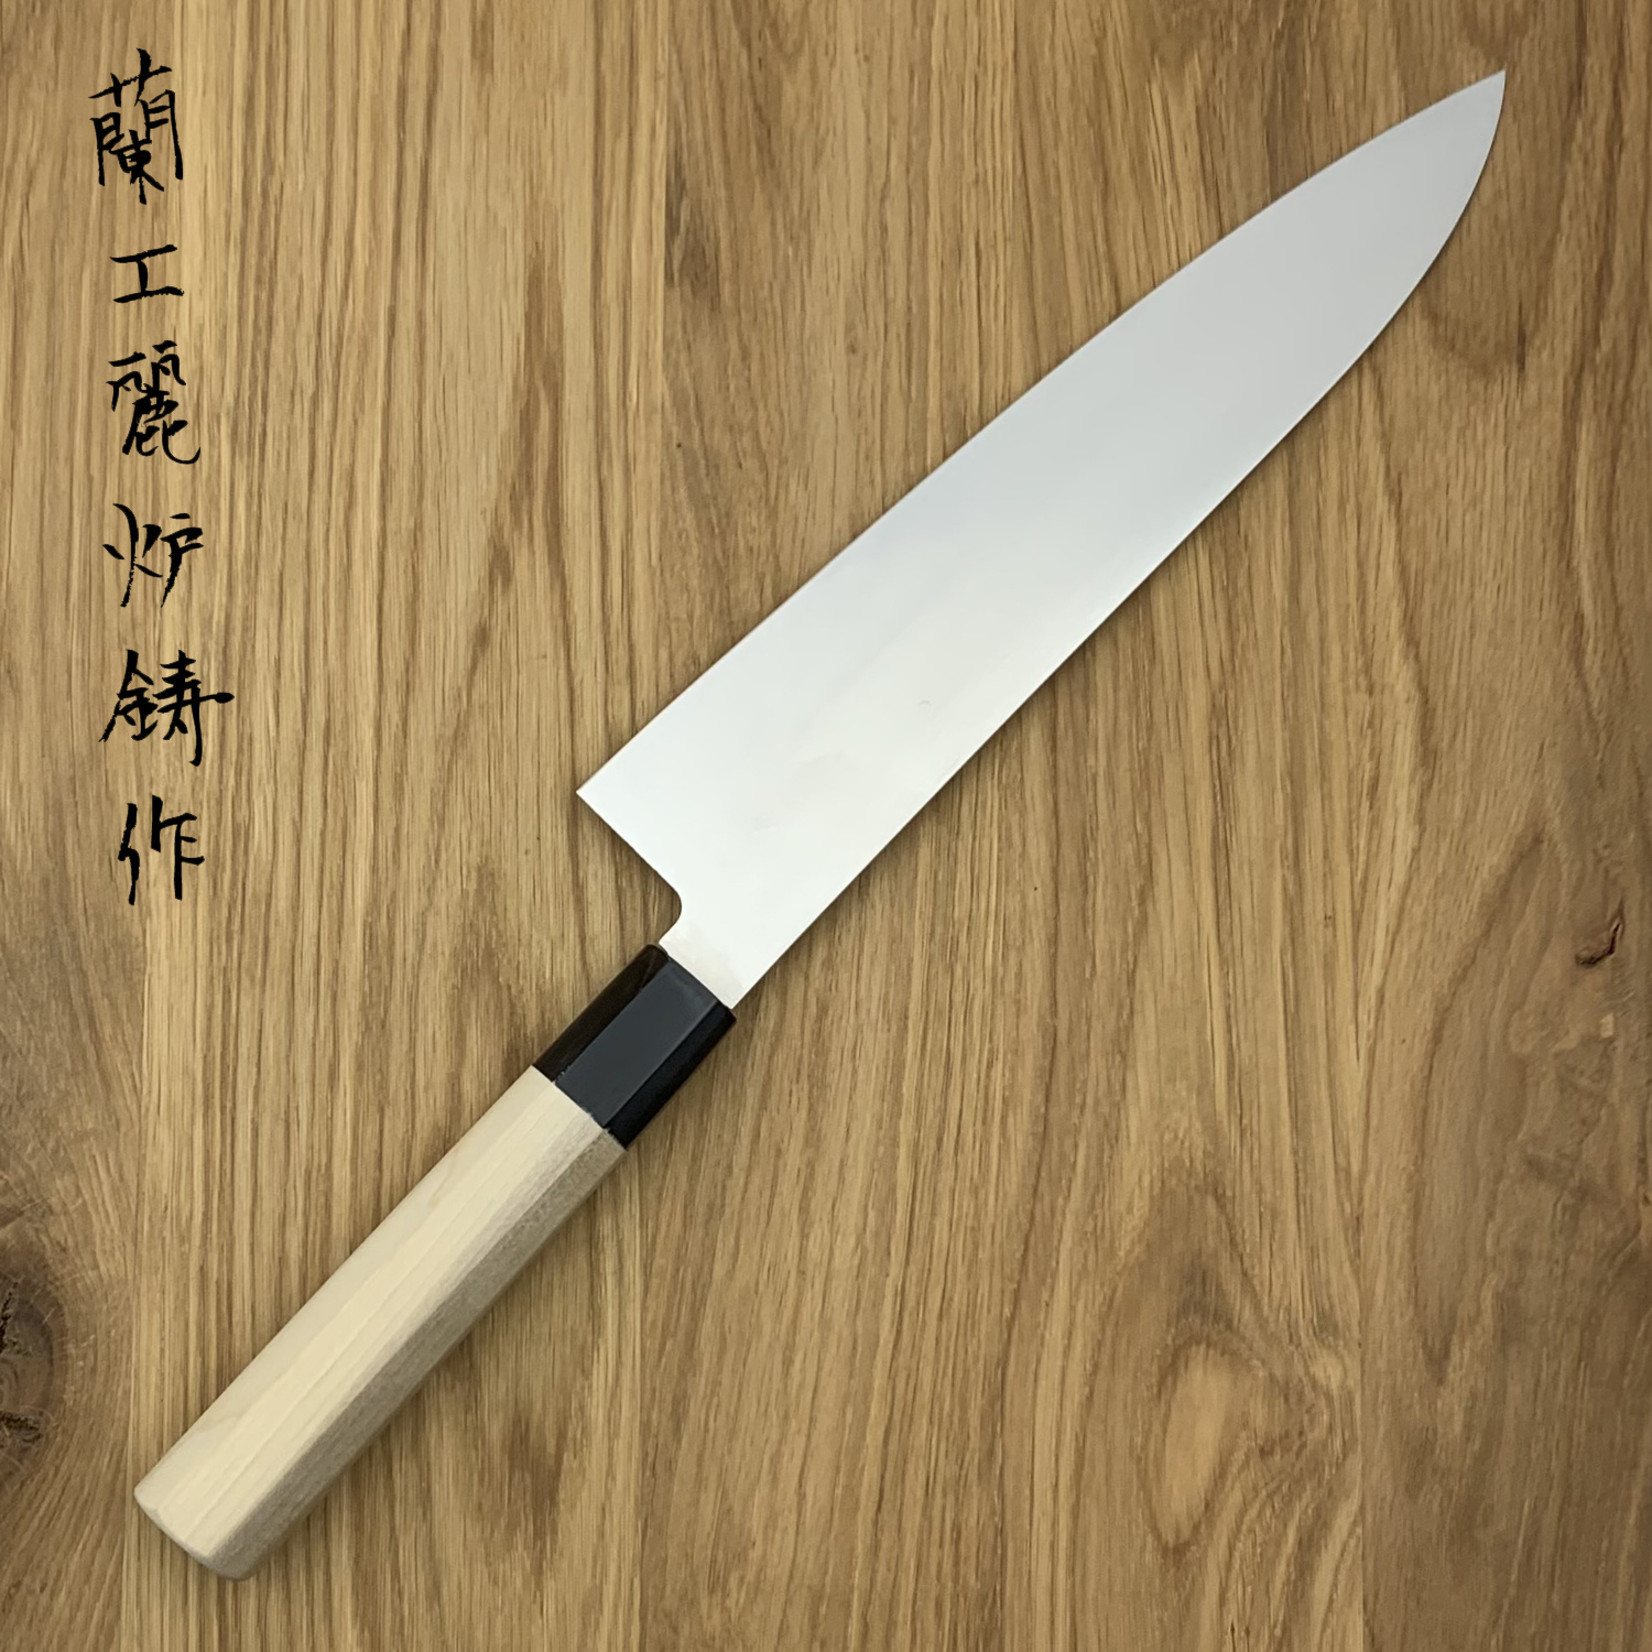 SAKAI TAKAYUKI Grand Chef WA Gyuto 240 mm 10613